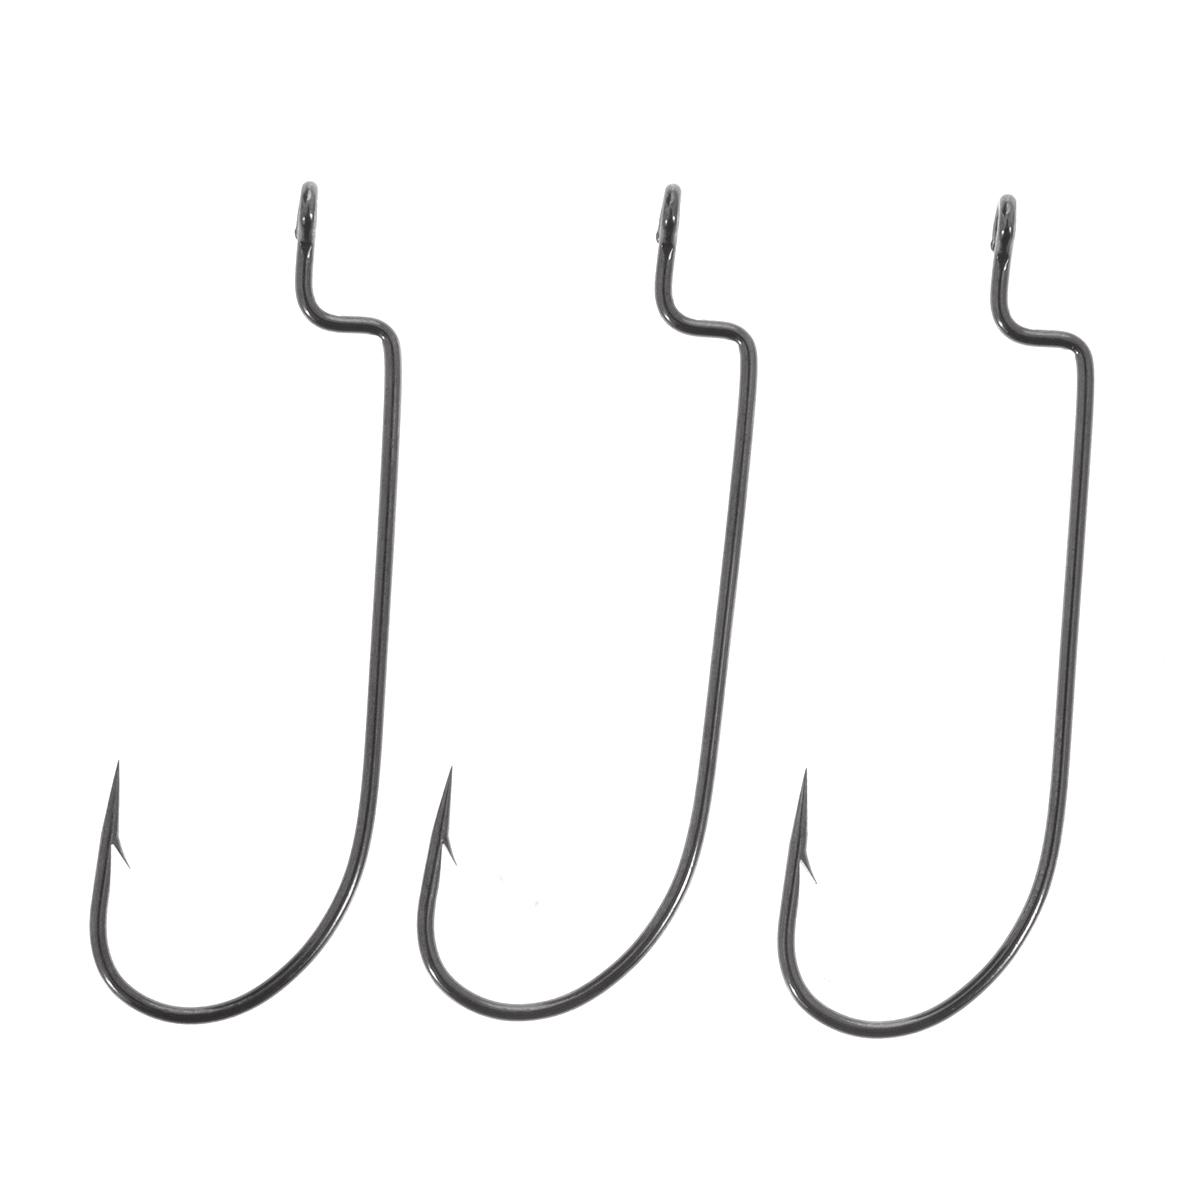 Крючки рыболовные офсетные Cobra L-worm, цвет: черный, размер 3/0, 3 шт14792401600Cobra L-worm - серия классических офсетных крючков, с круглым загибом, прямым удлиненным цевьем с прямоугольной ступенькой. Высокую популярность эта форма крючка, получила из-за простоты оснащения ими всевозможных мягких пластиковых приманок. Крючки имеют темное, очень стойкое, антикоррозийное покрытие и чрезвычайно остры.